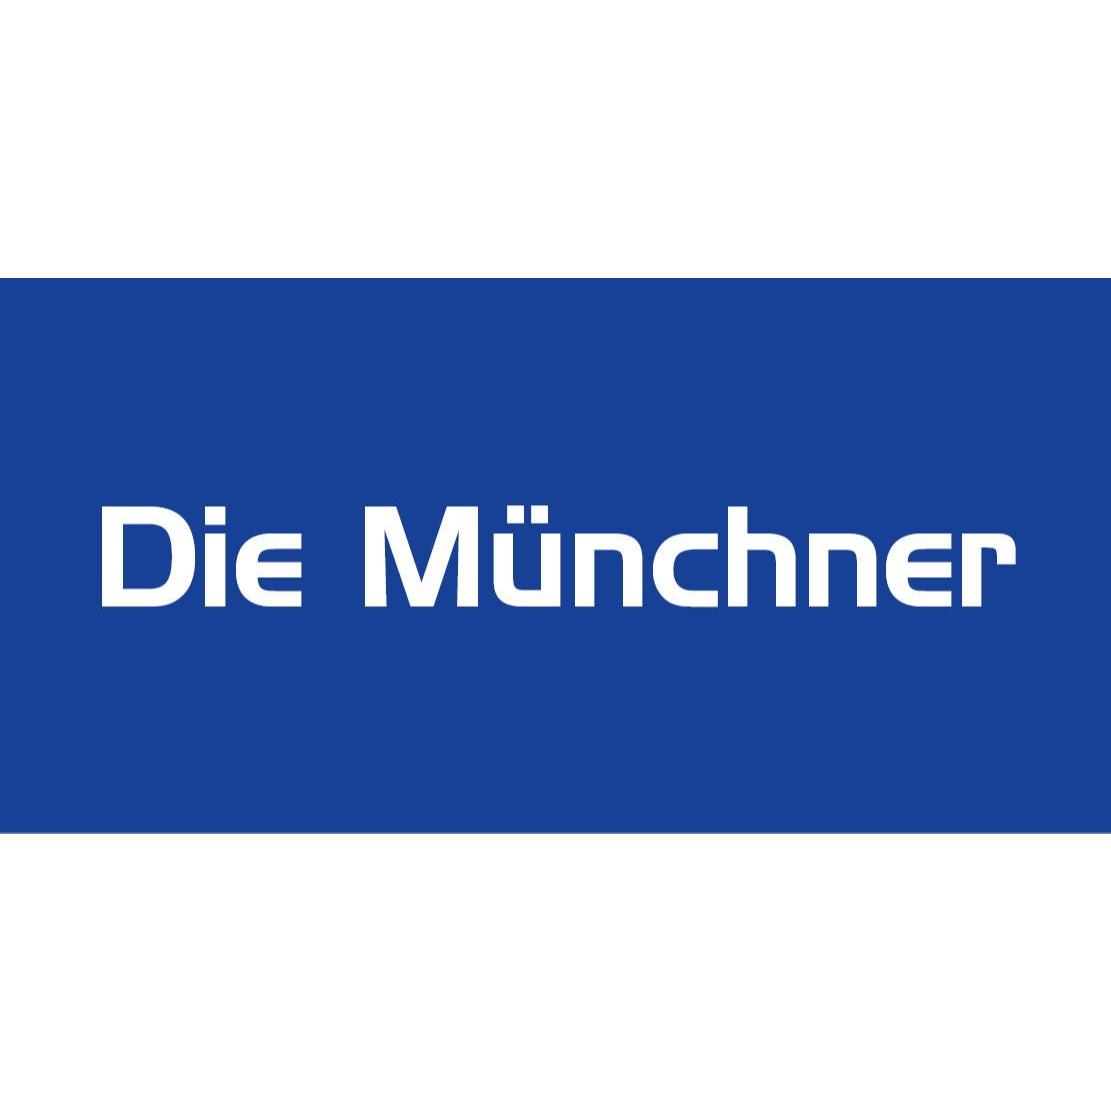 Bild zu Branchenbuch Die Münchner - Dr. Bringmann & Gessler Verlagsgesellschaft mbH in Grünwald Kreis München